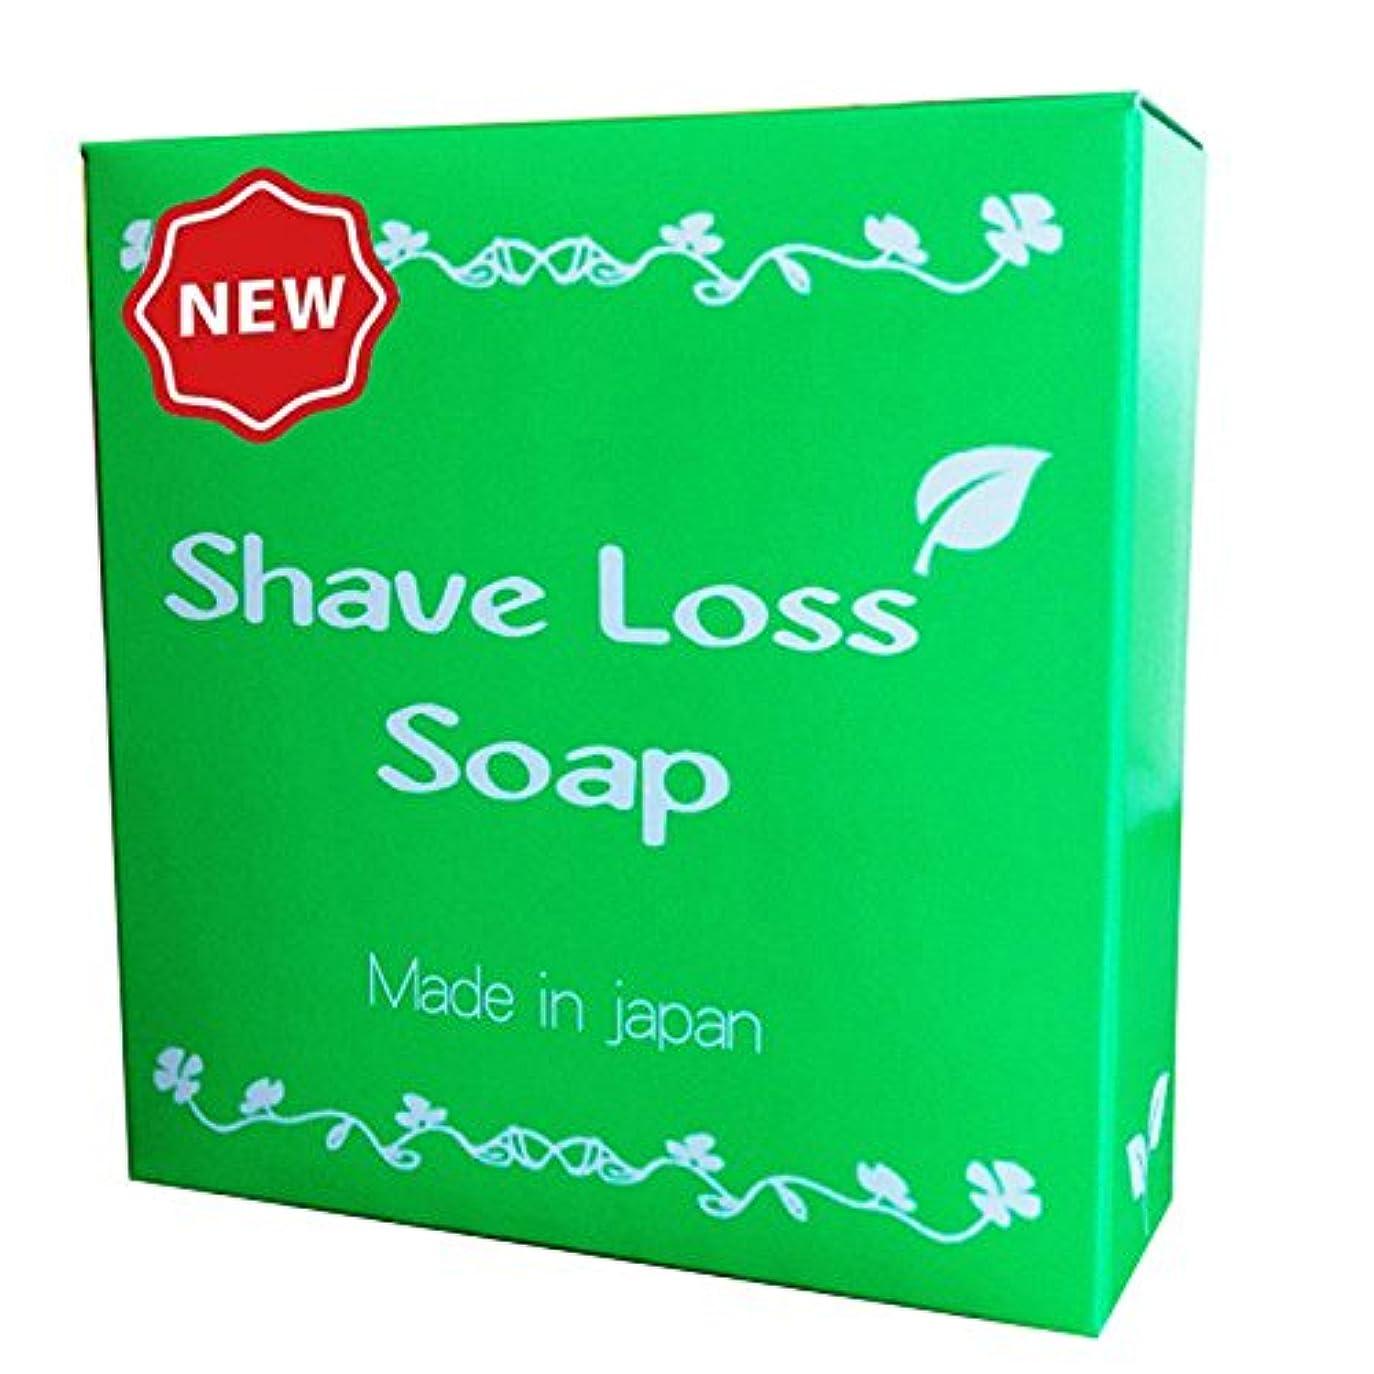 の前でマガジン知らせる【NEW】Shave Loss Soap 女性の願いを叶える 石鹸 80g 「ダイズ種子エキス」 「ラレアディバリカタエキス」大幅増量タイプ